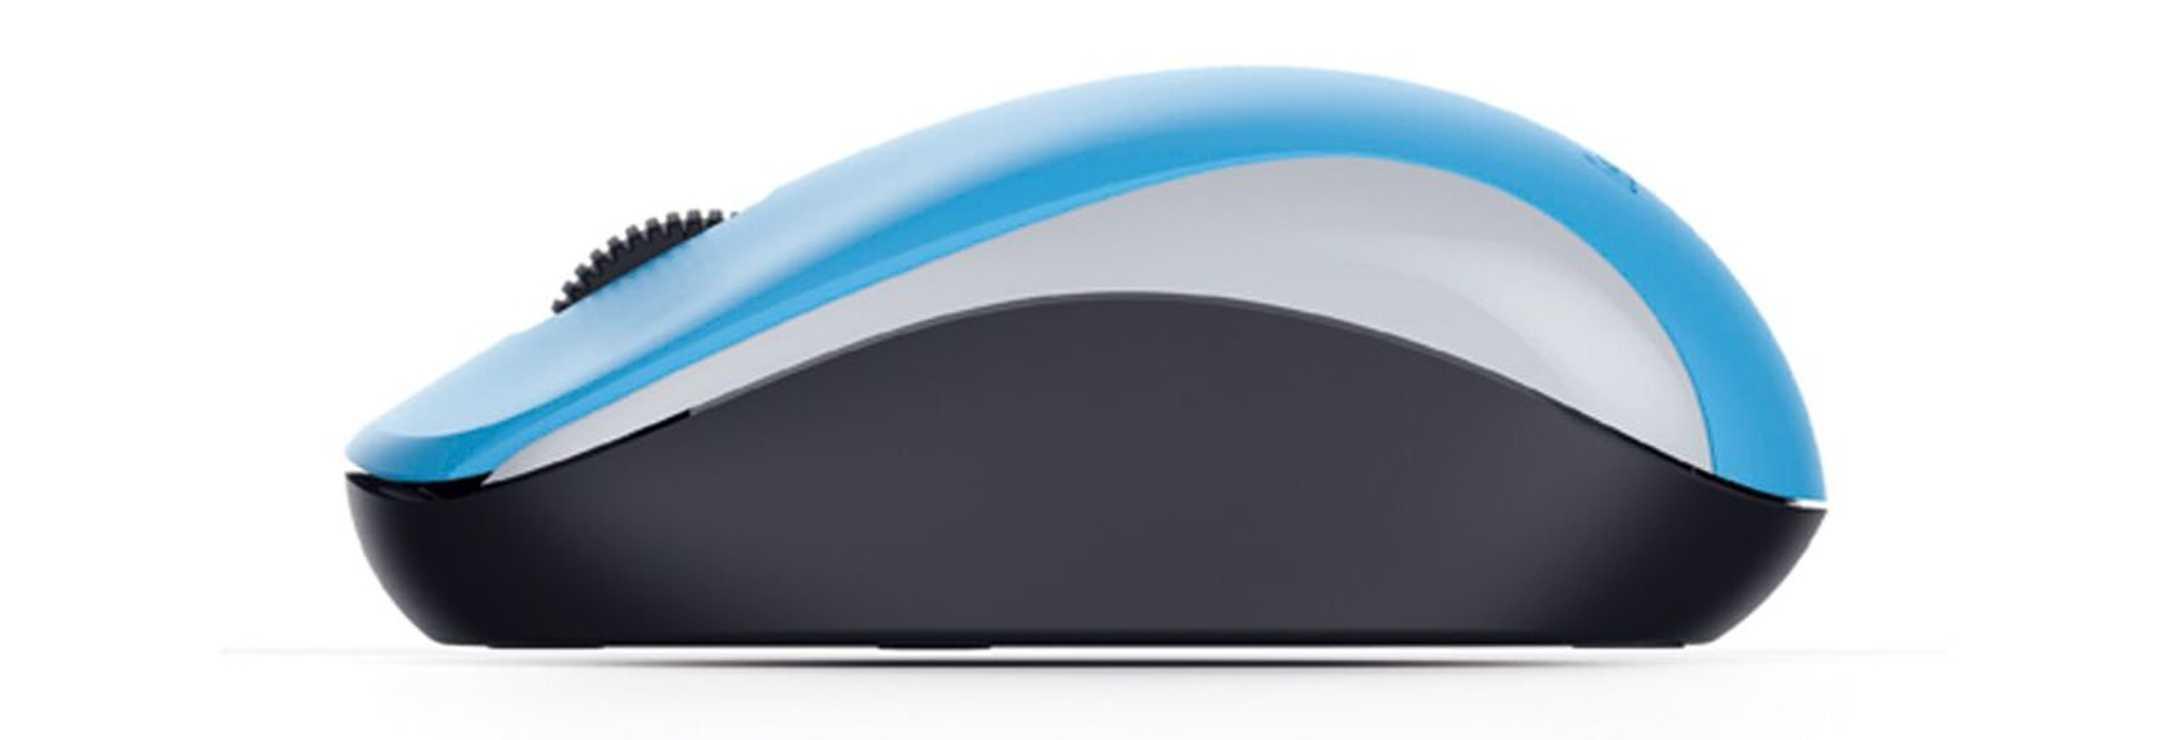 SOURIS NX-7000 BLEU SANS FIL OPTIQUE USB PC 31030109109-3